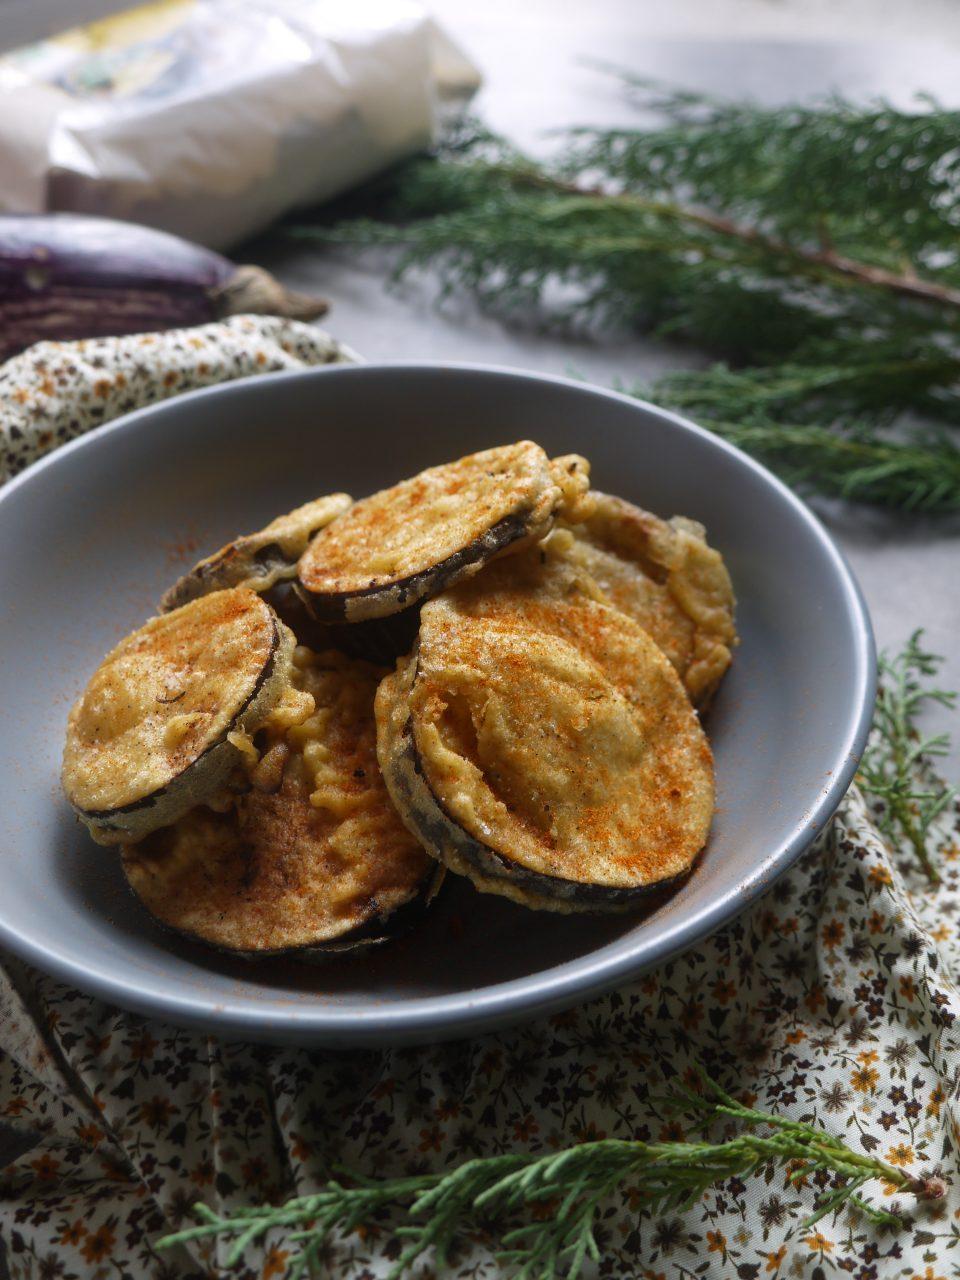 beignet-aubergine-vegetalien-betty